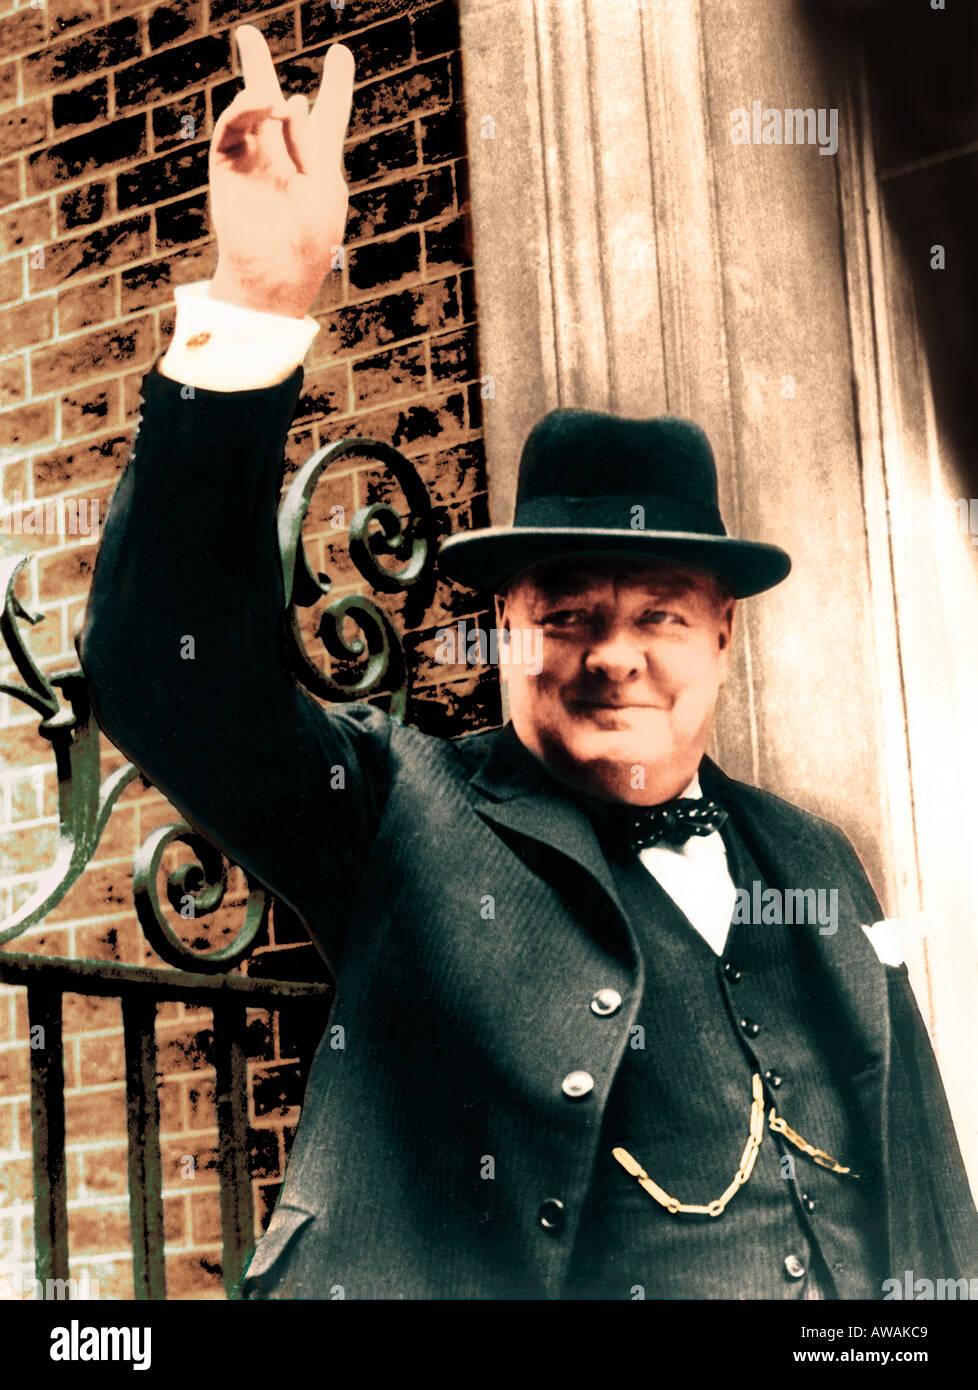 WINSTON CHURCHILL (1874-1965) Premier ministre britannique donne son signe V de la Victoire en avril 1945 à l'extérieur de 10 Downing Street Photo Stock